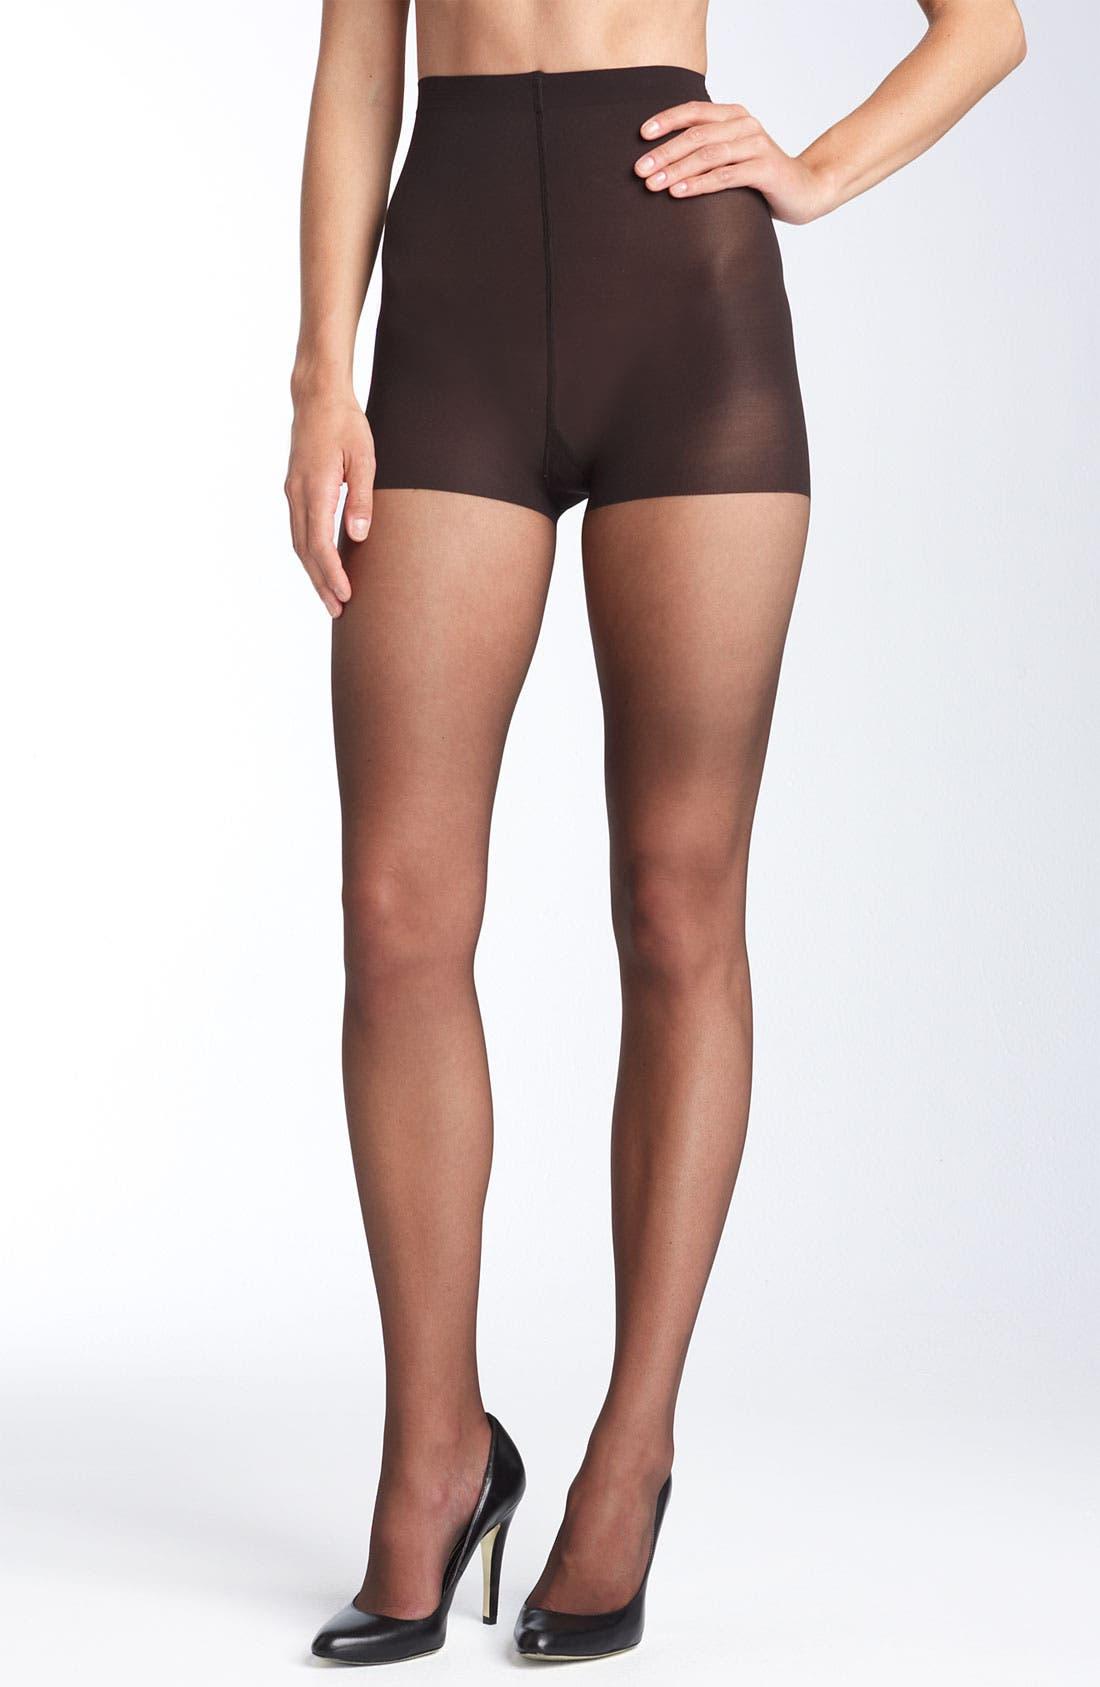 Alternate Image 1 Selected - Donna Karan 'Ultra Sheer' Control Top Pantyhose